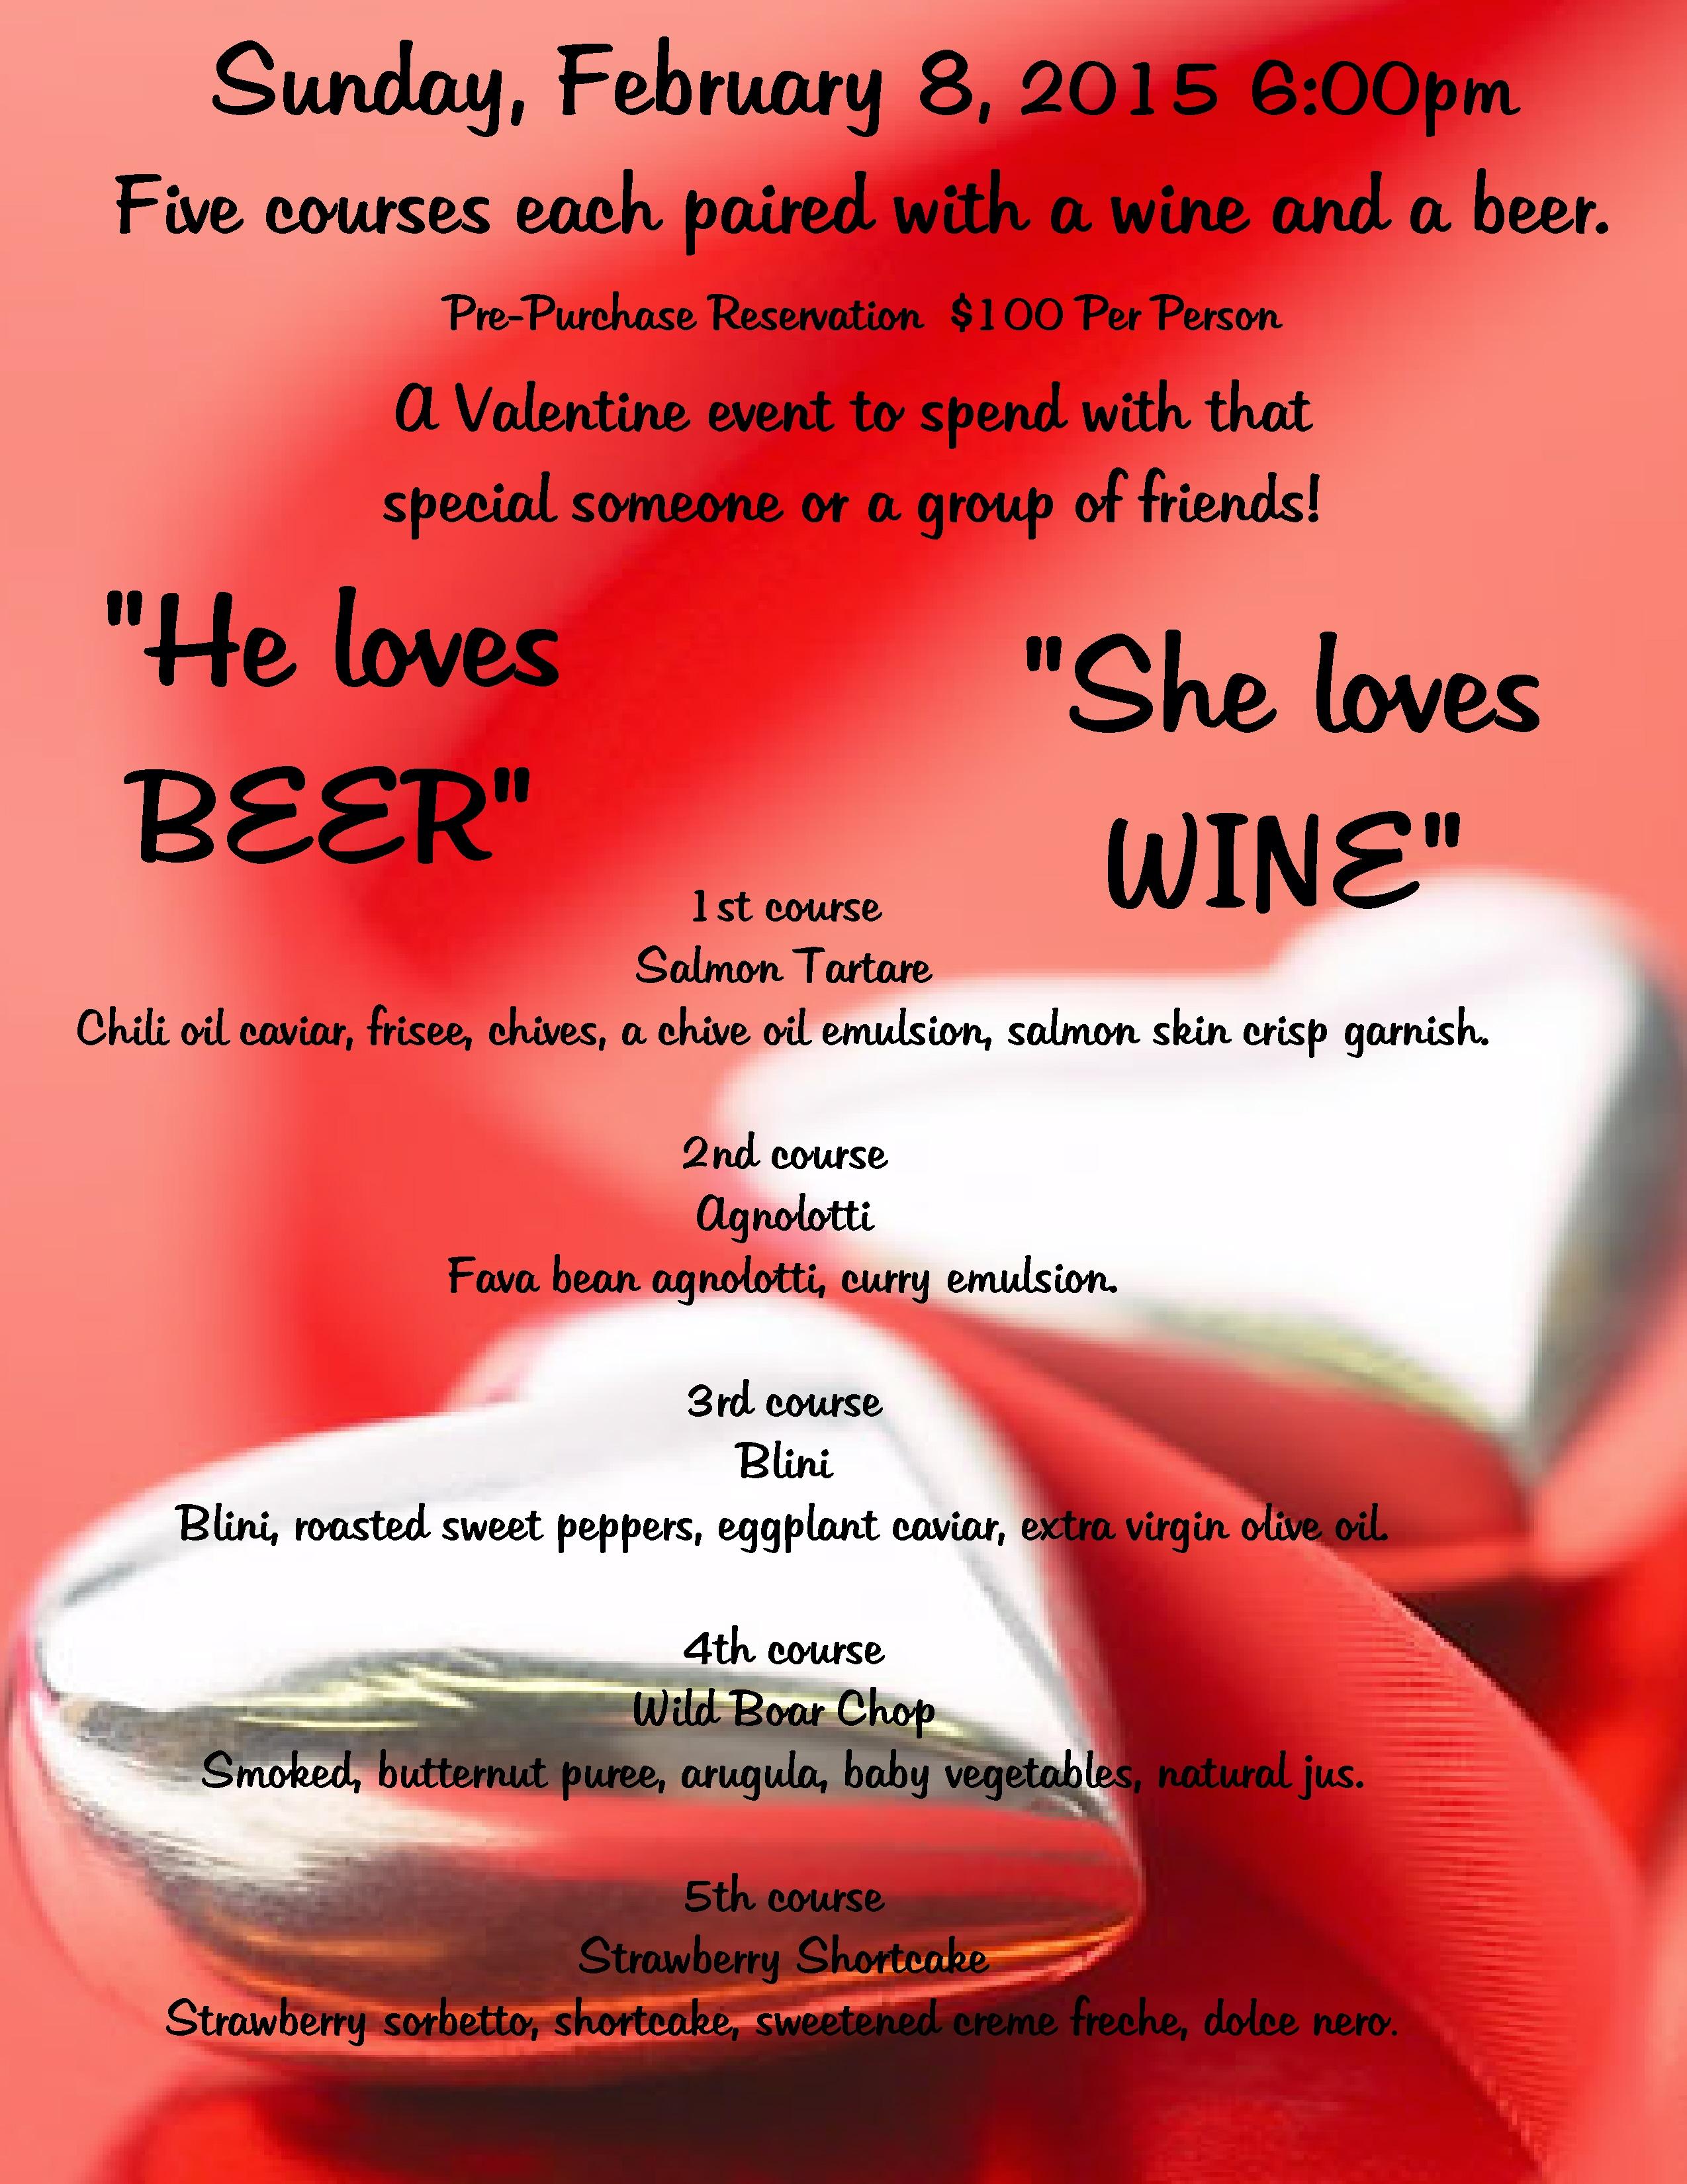 2015 He Loves Beer She Loves Wine DInner